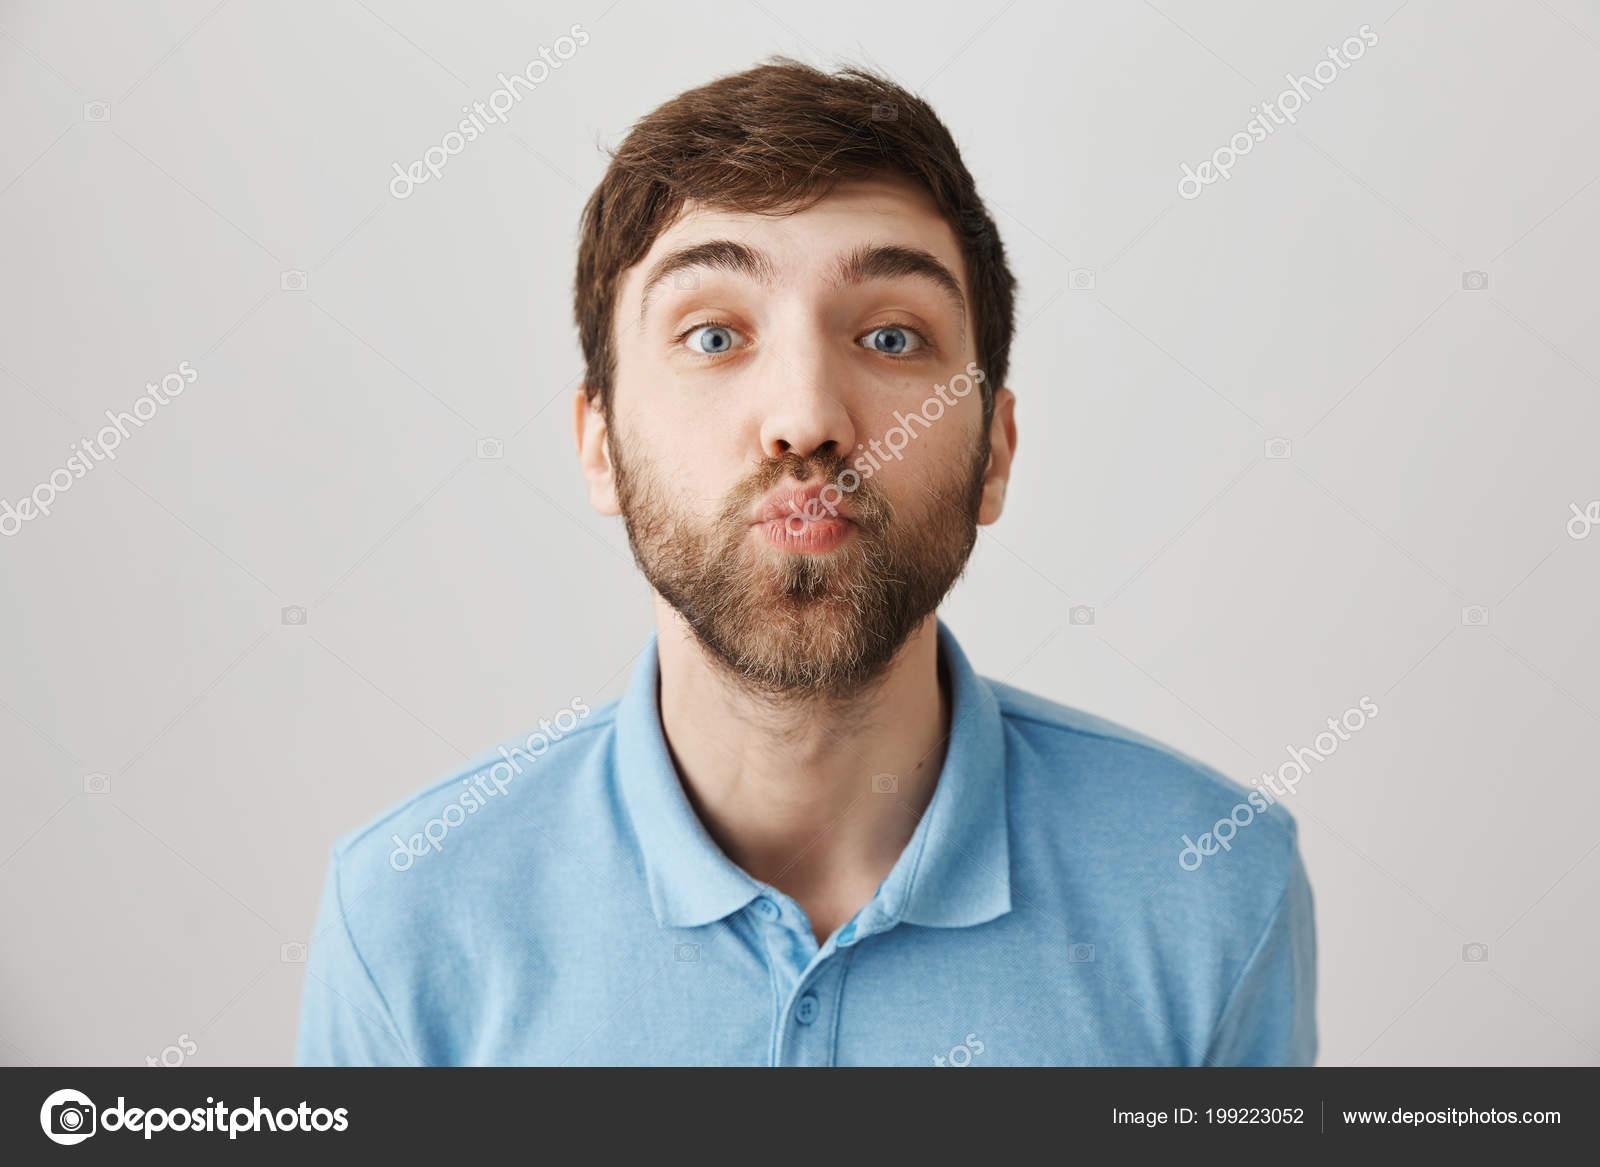 Mann Kann Aus Kuss Seiner Geliebten Nicht Widerstehen Porträt Von